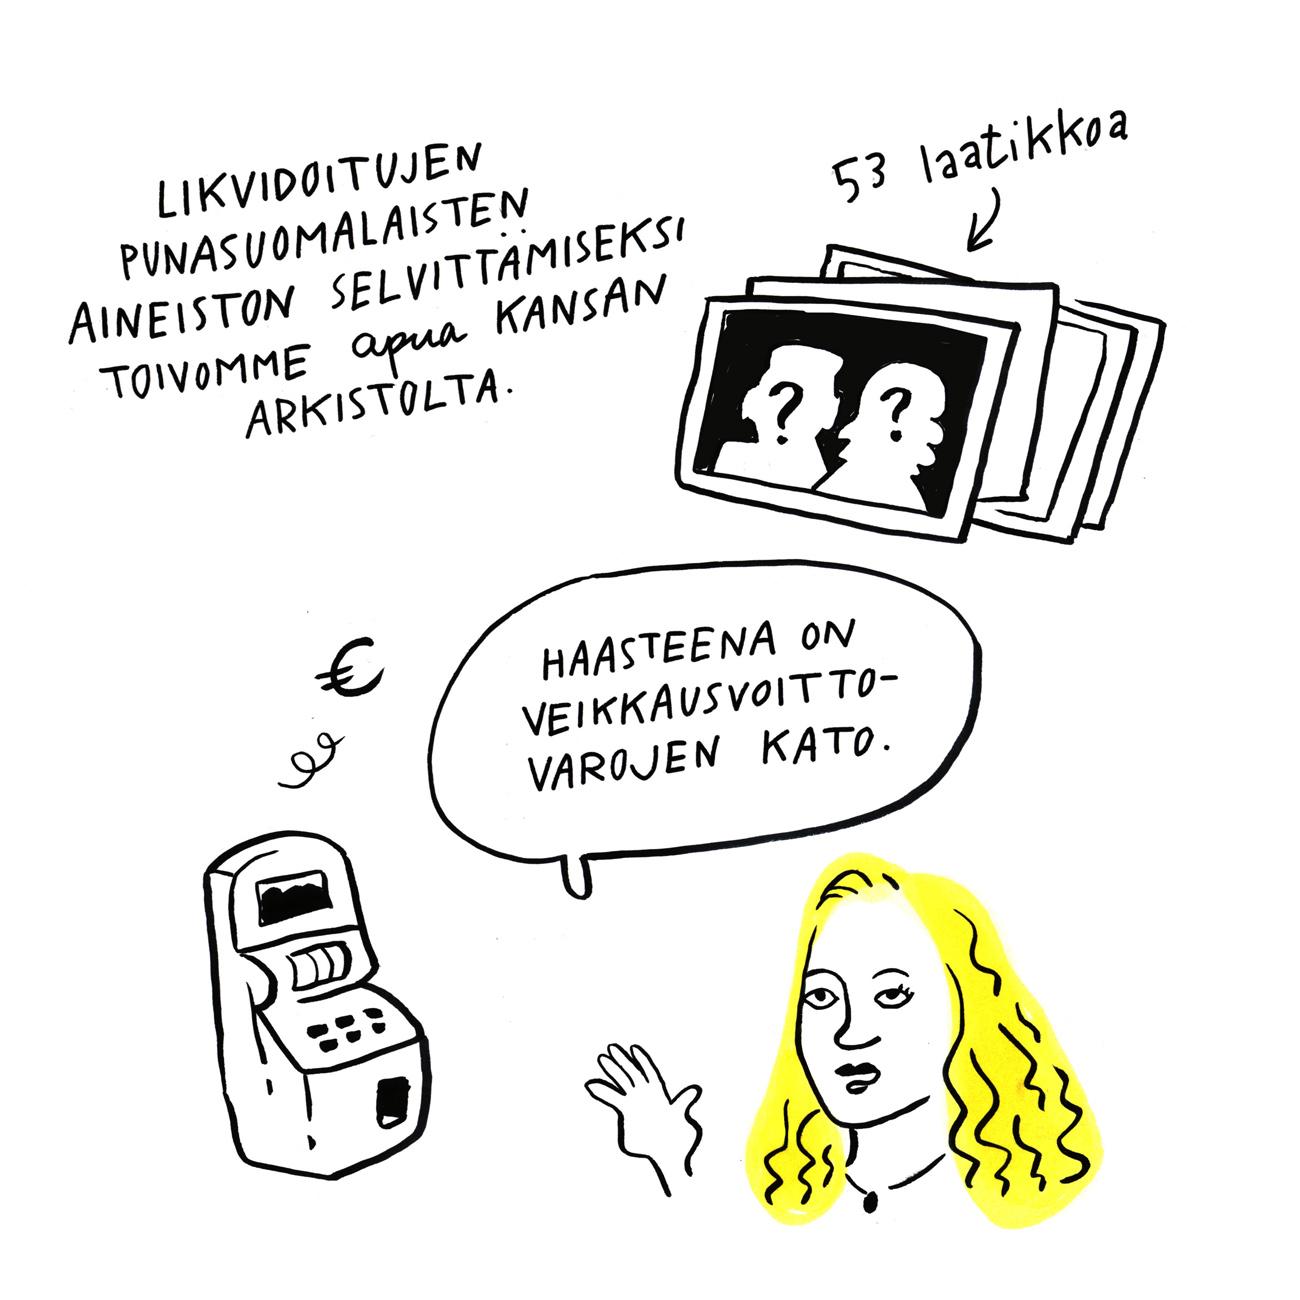 06happonen-web